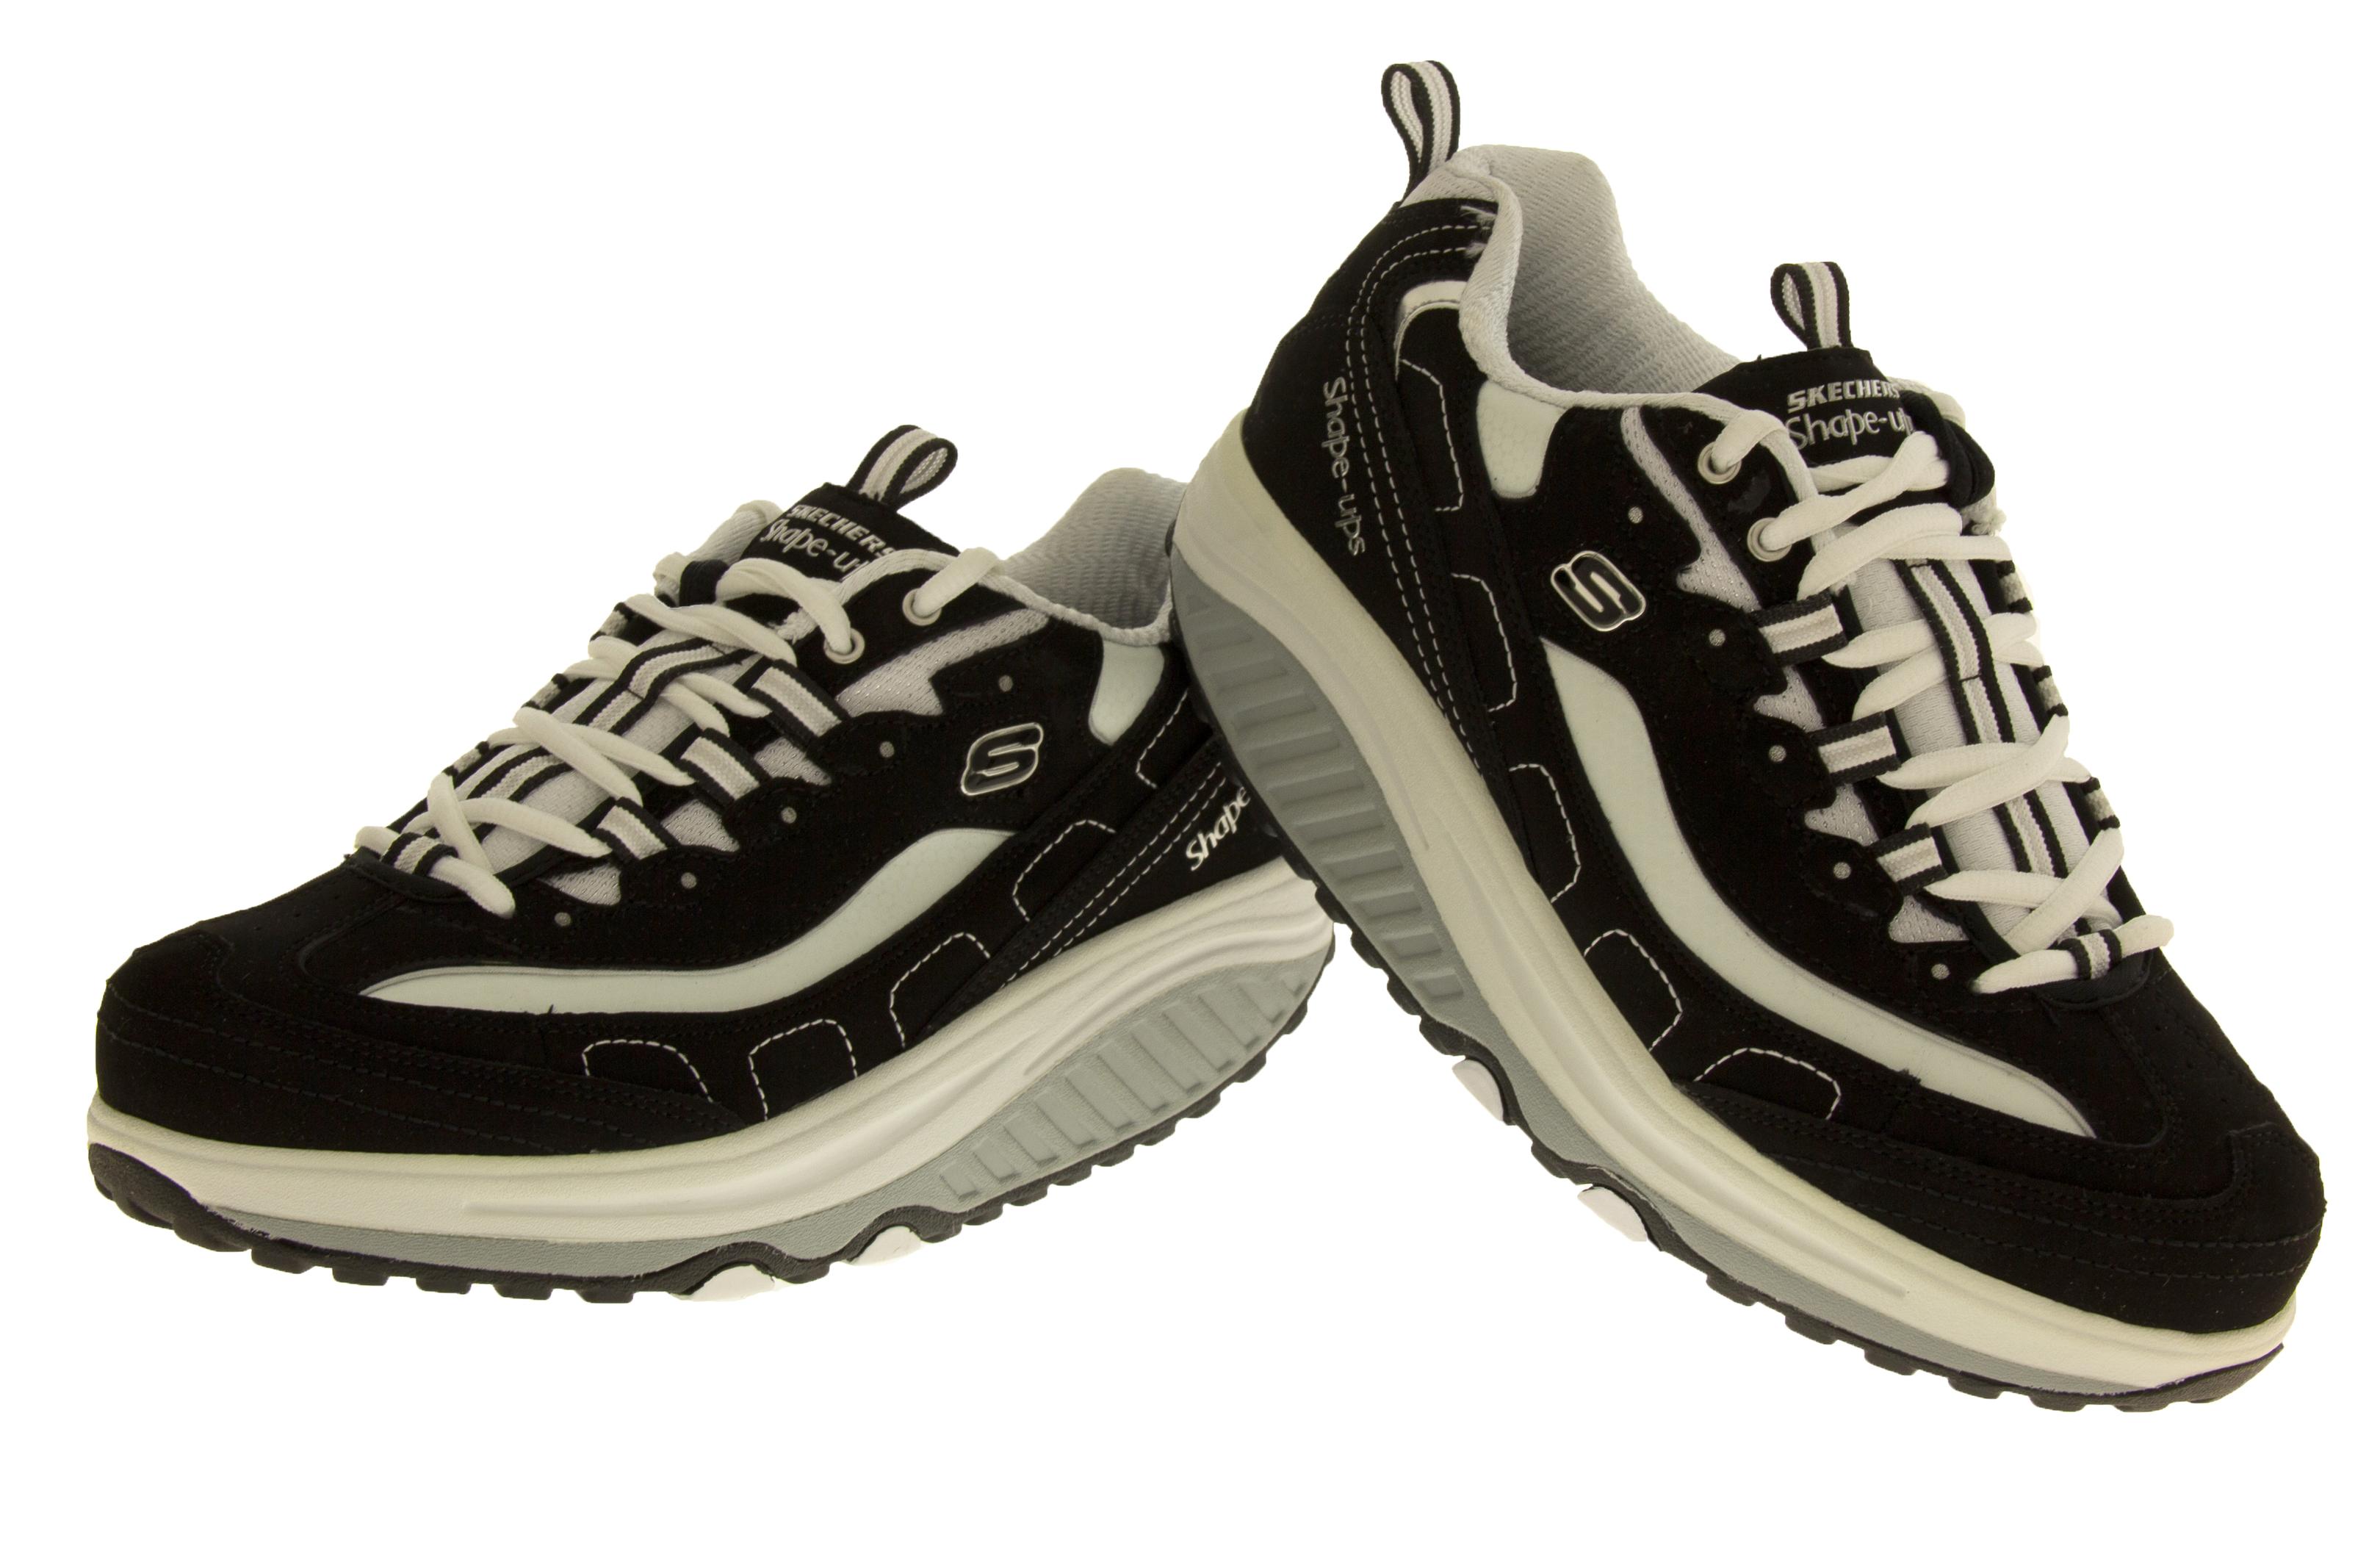 Ebay Shape Up Shoes White